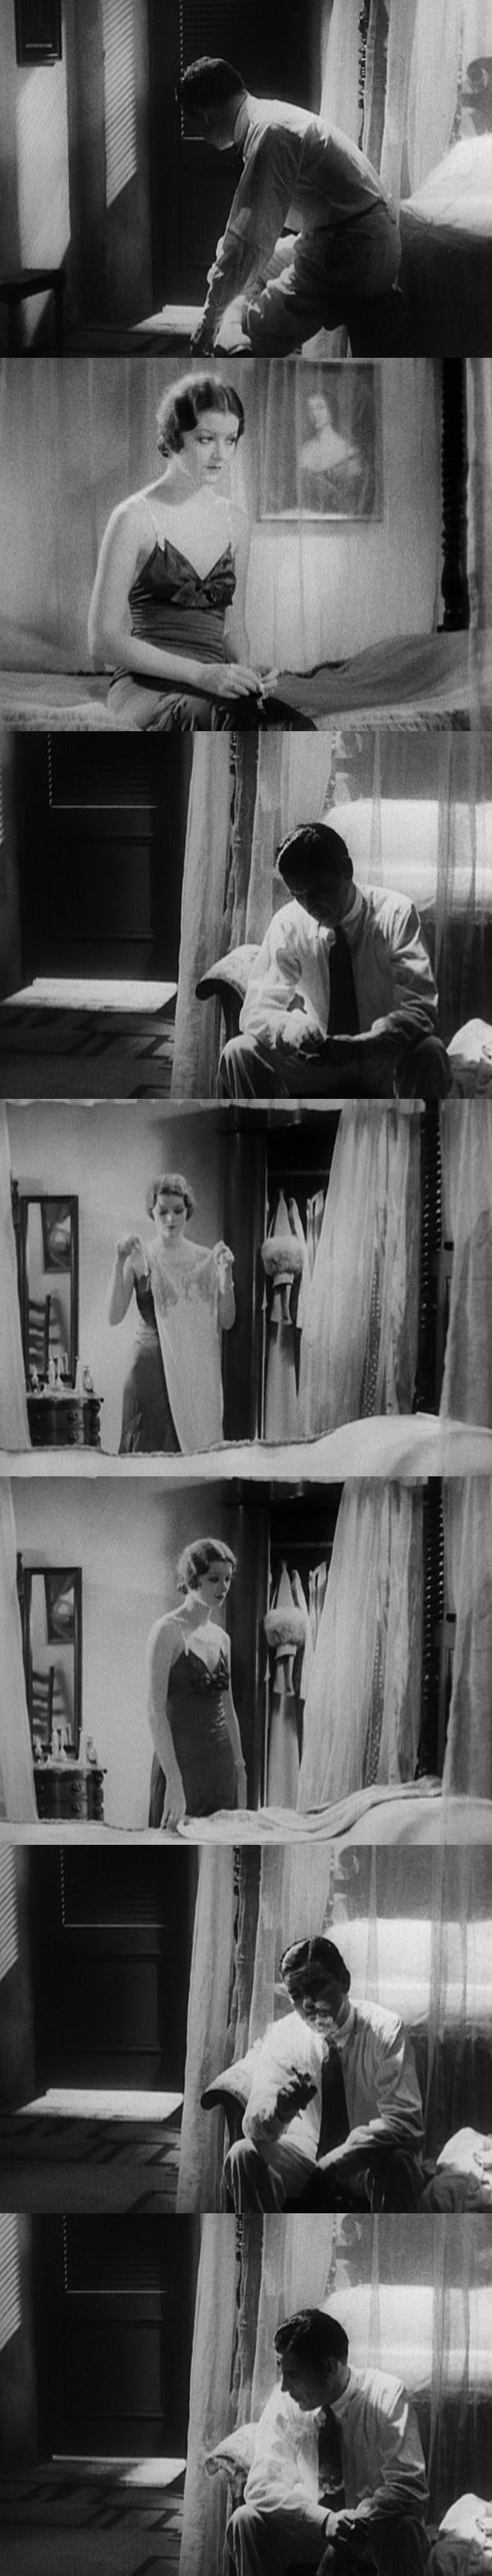 Arrowsmith 1932 Seduction